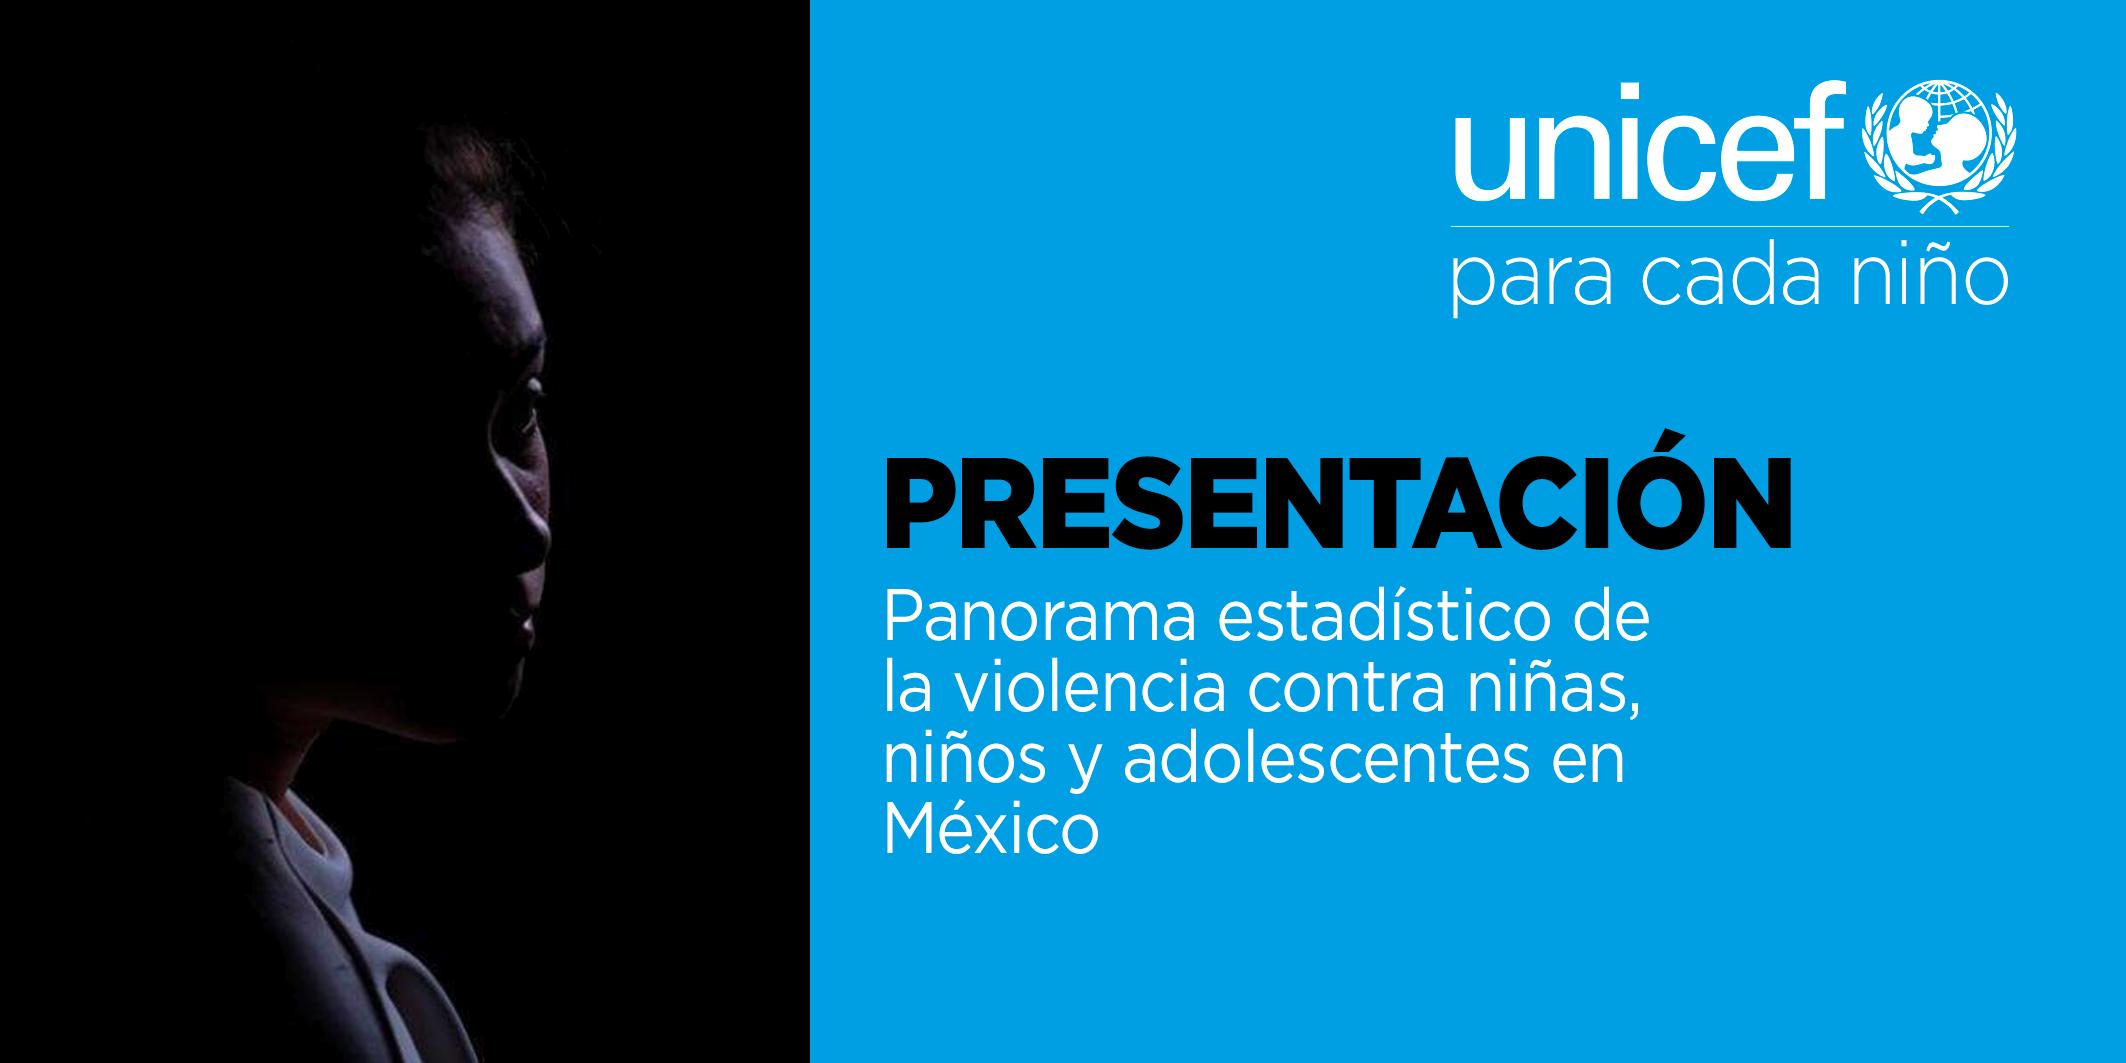 Presentación delPanorama estadístico de la violencia contra niñas, niños y adolescentes en México. @ CDHDF